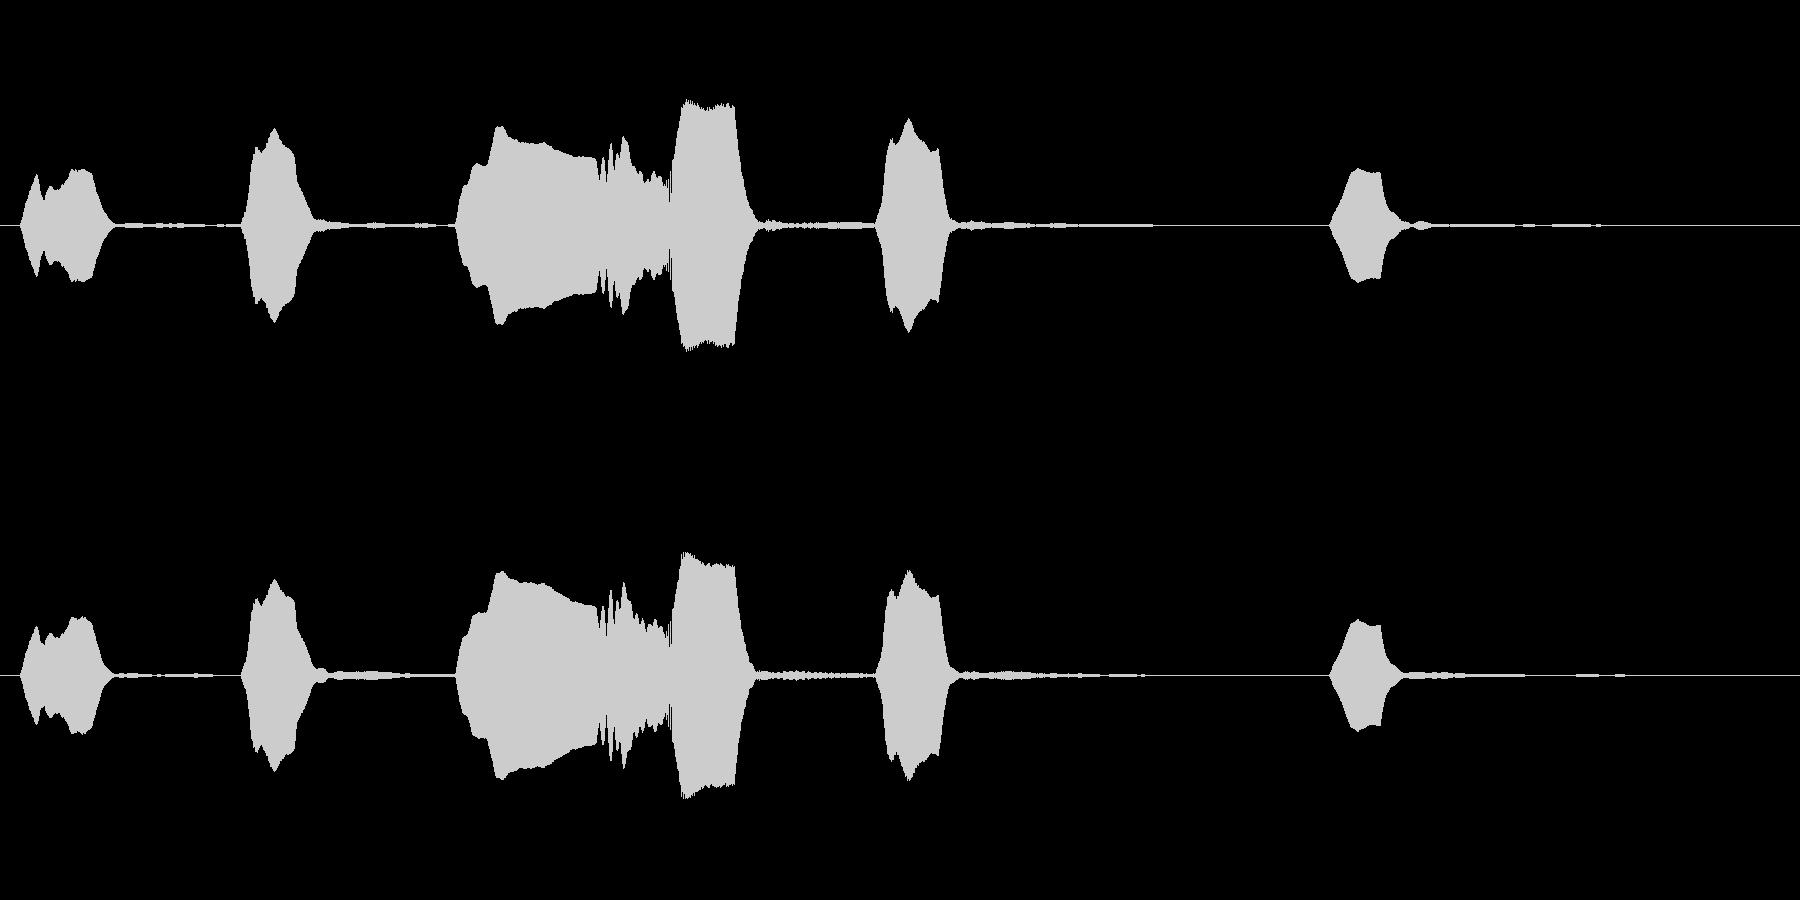 ジングル リコーダー ほのぼの のんびりの未再生の波形